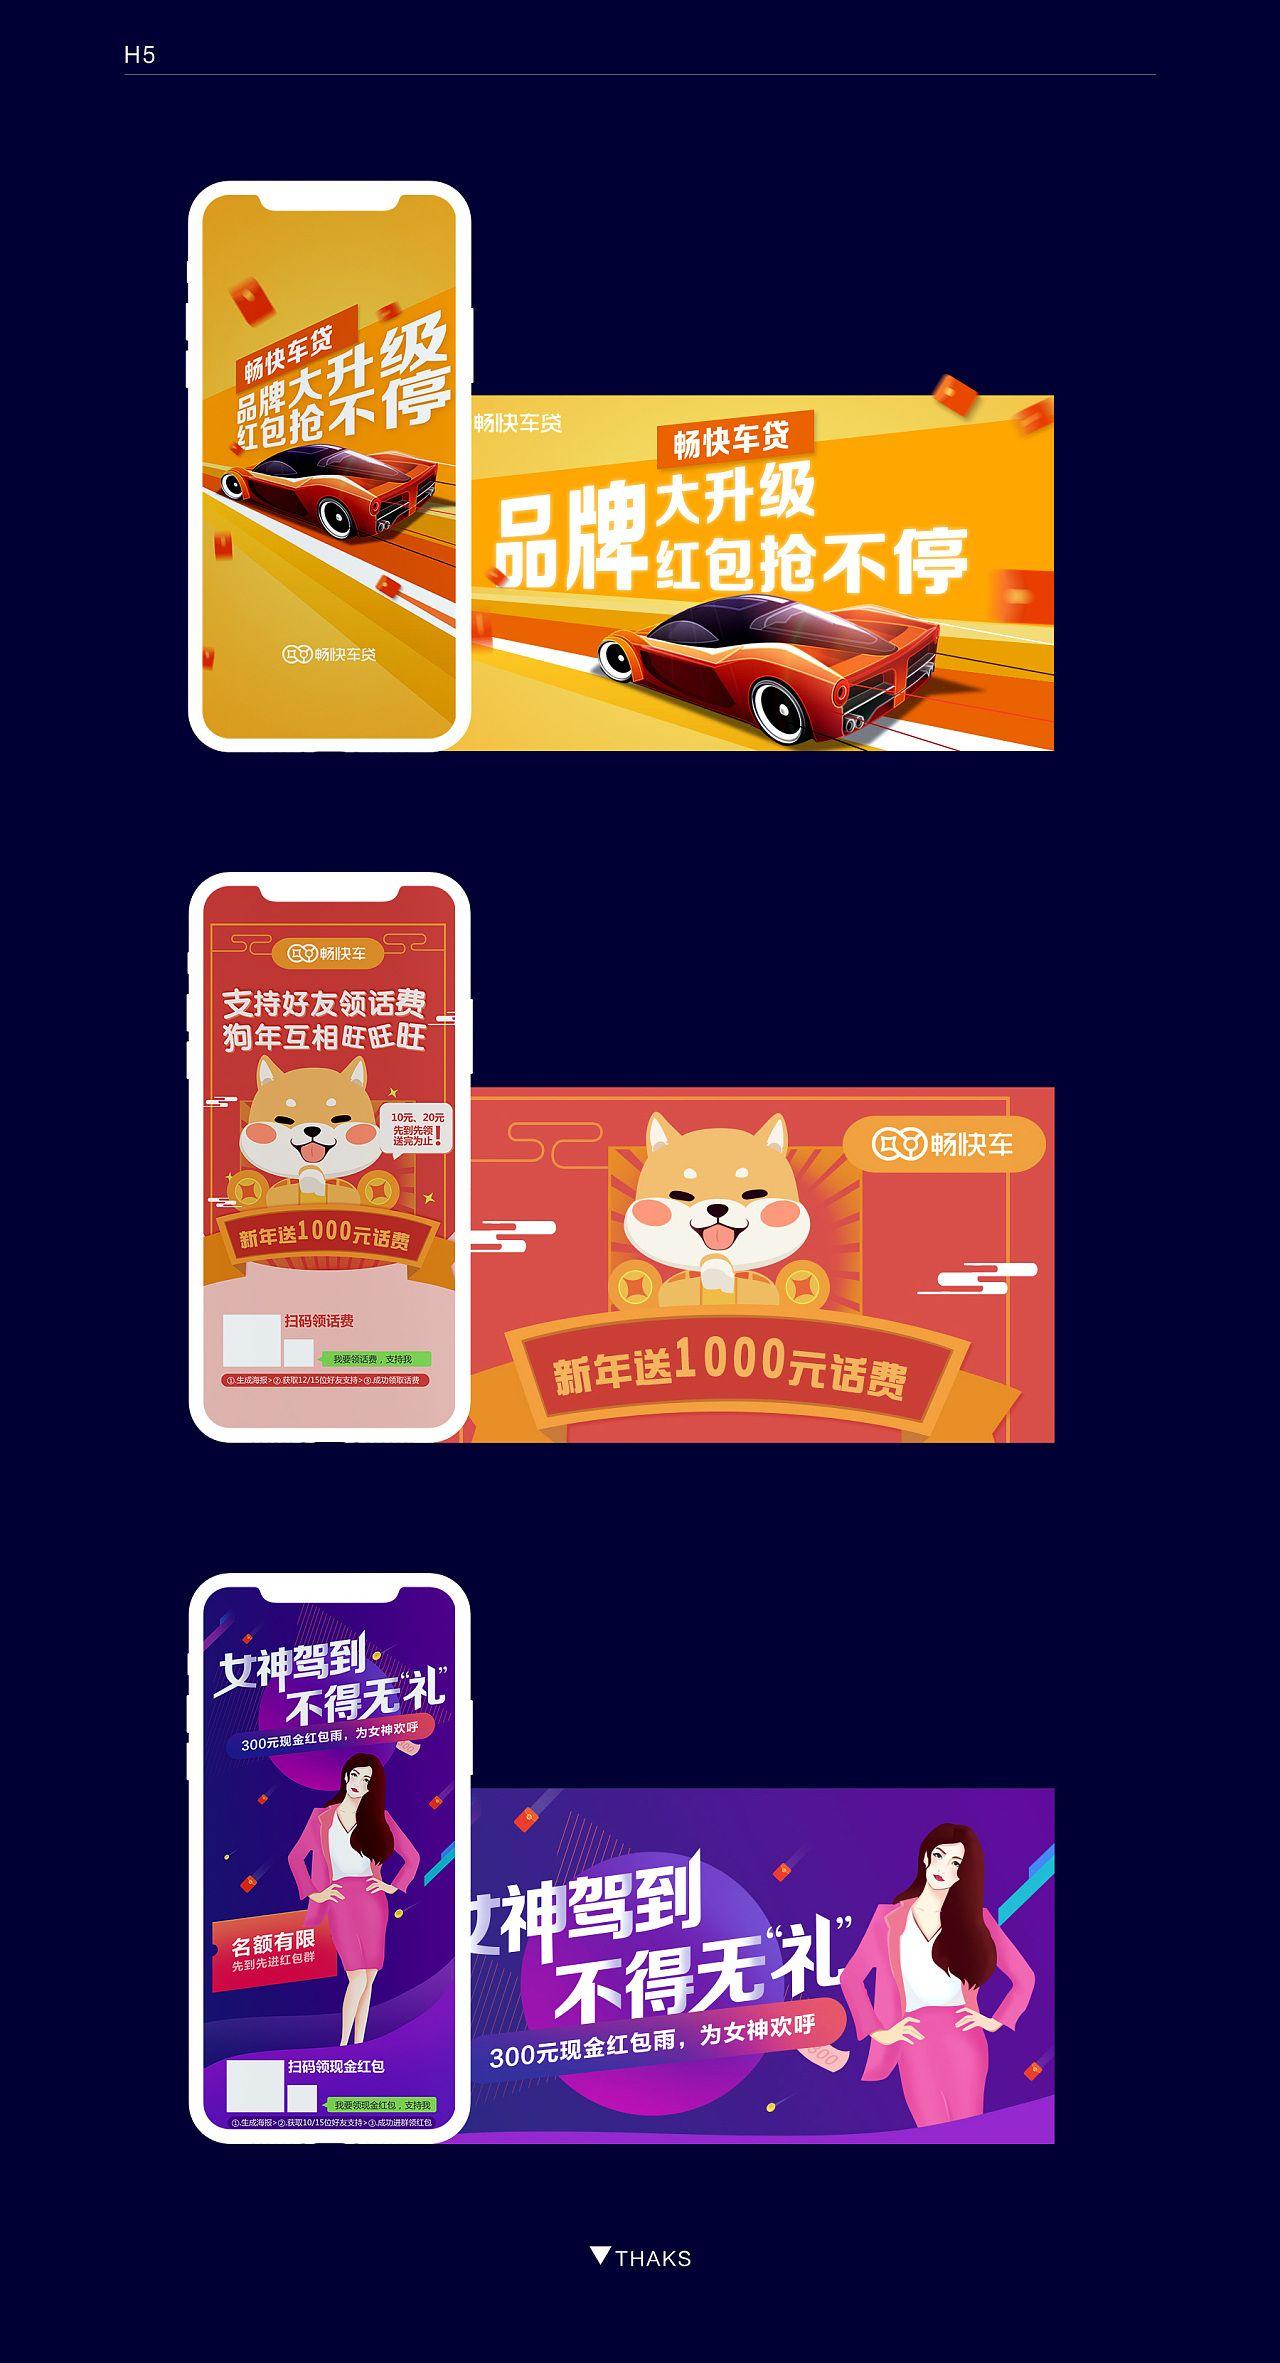 运营Banner设计合集网页Banner/广告图cxfeng 原创作品 站酷 (ZCOOL